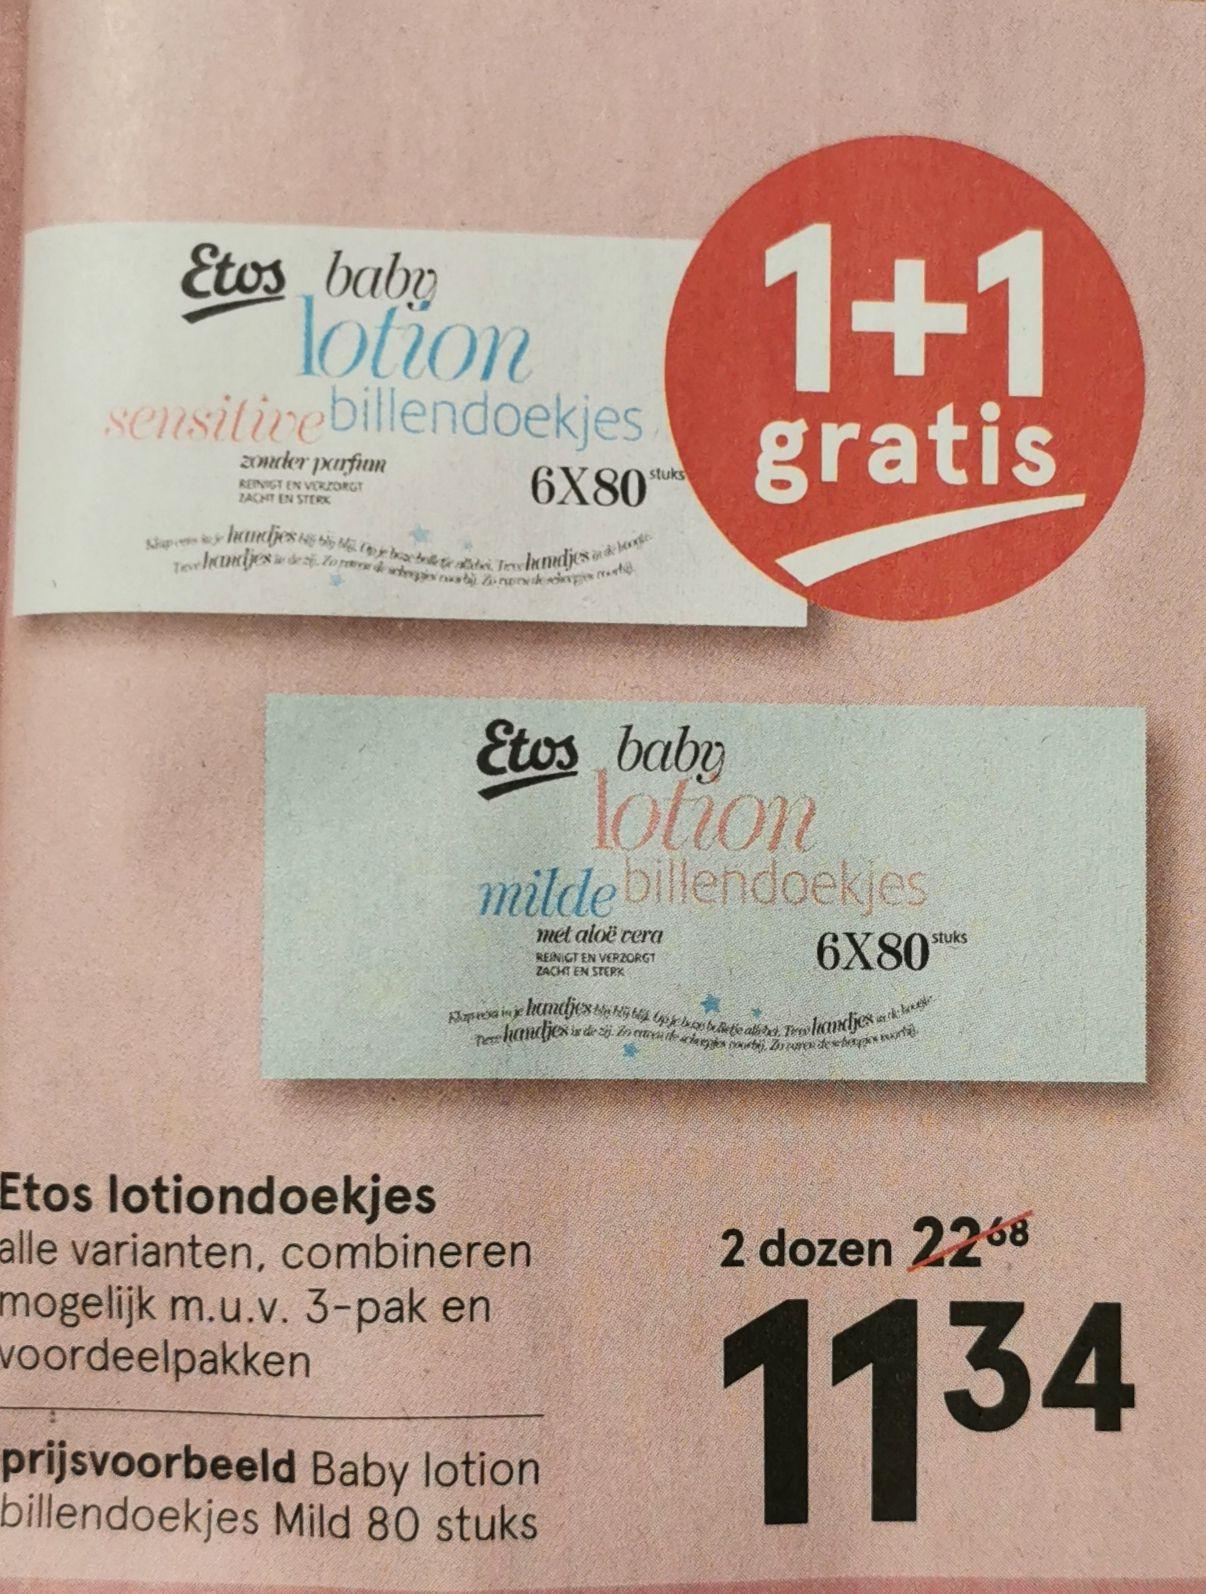 1+1 gratis op de Etos billendoekjes / lotiondoekjes